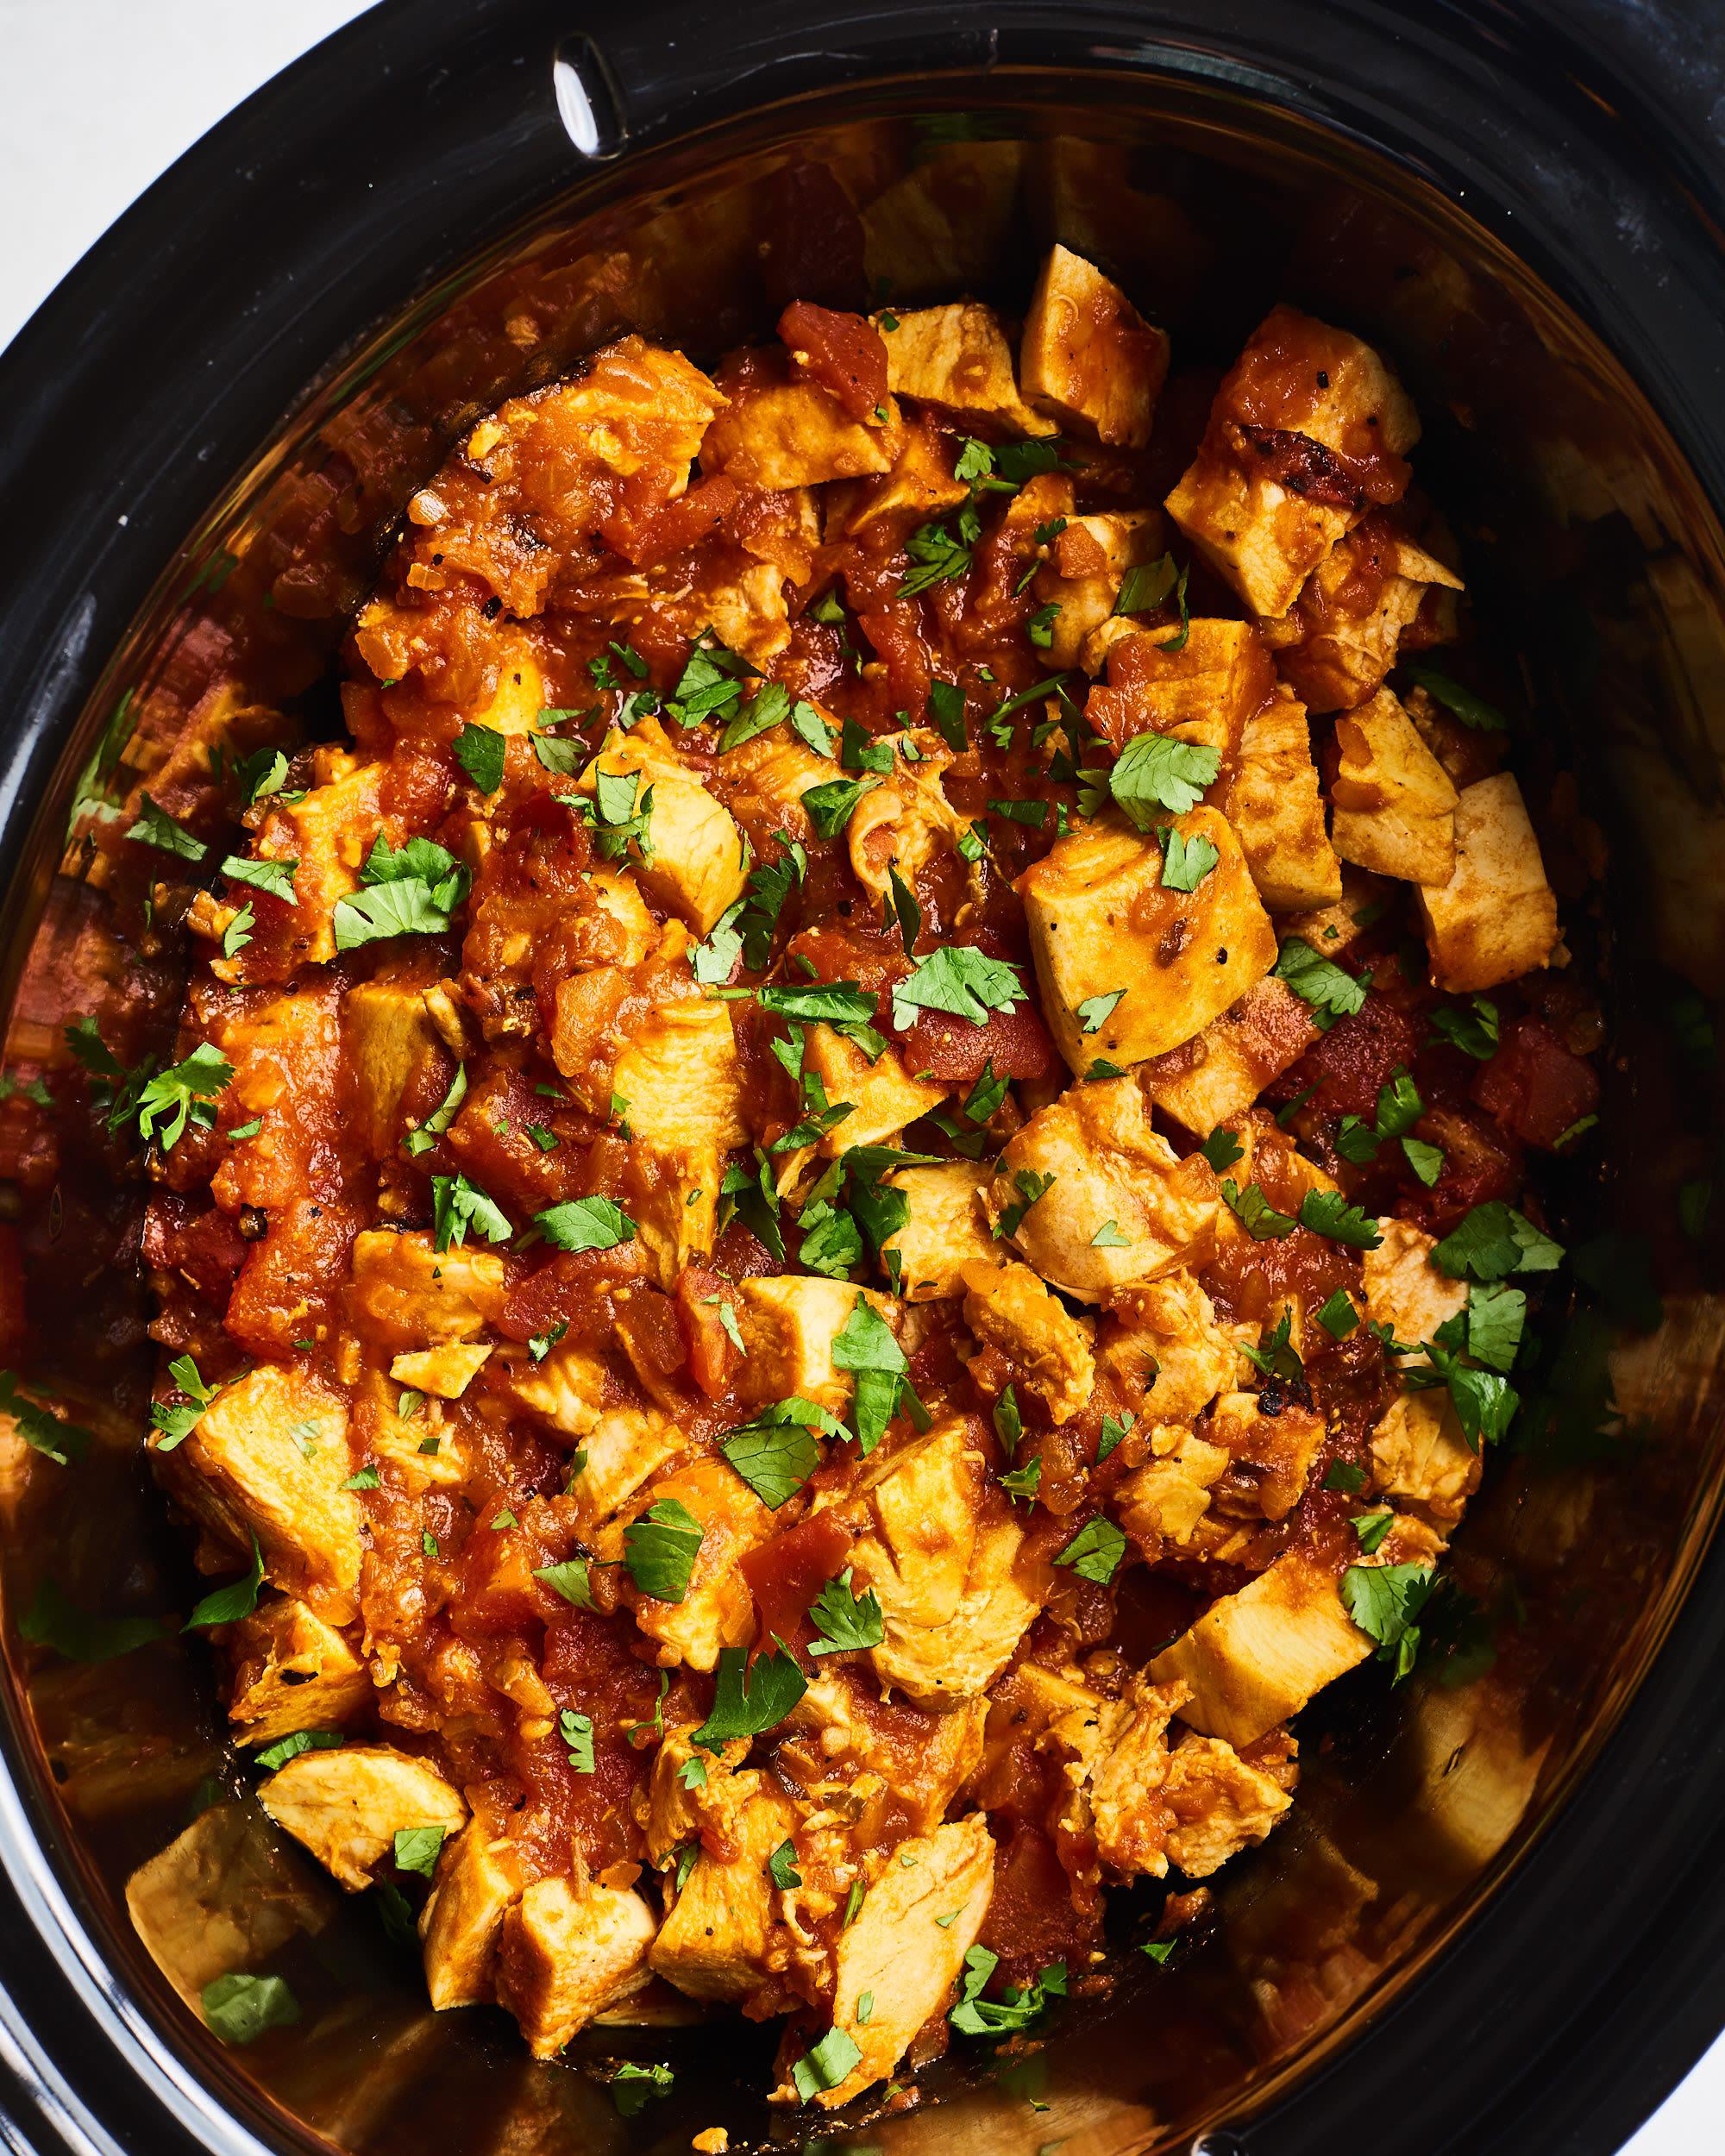 Recipe: Trader Joe's Slow Cooker Chicken Tikka Masala